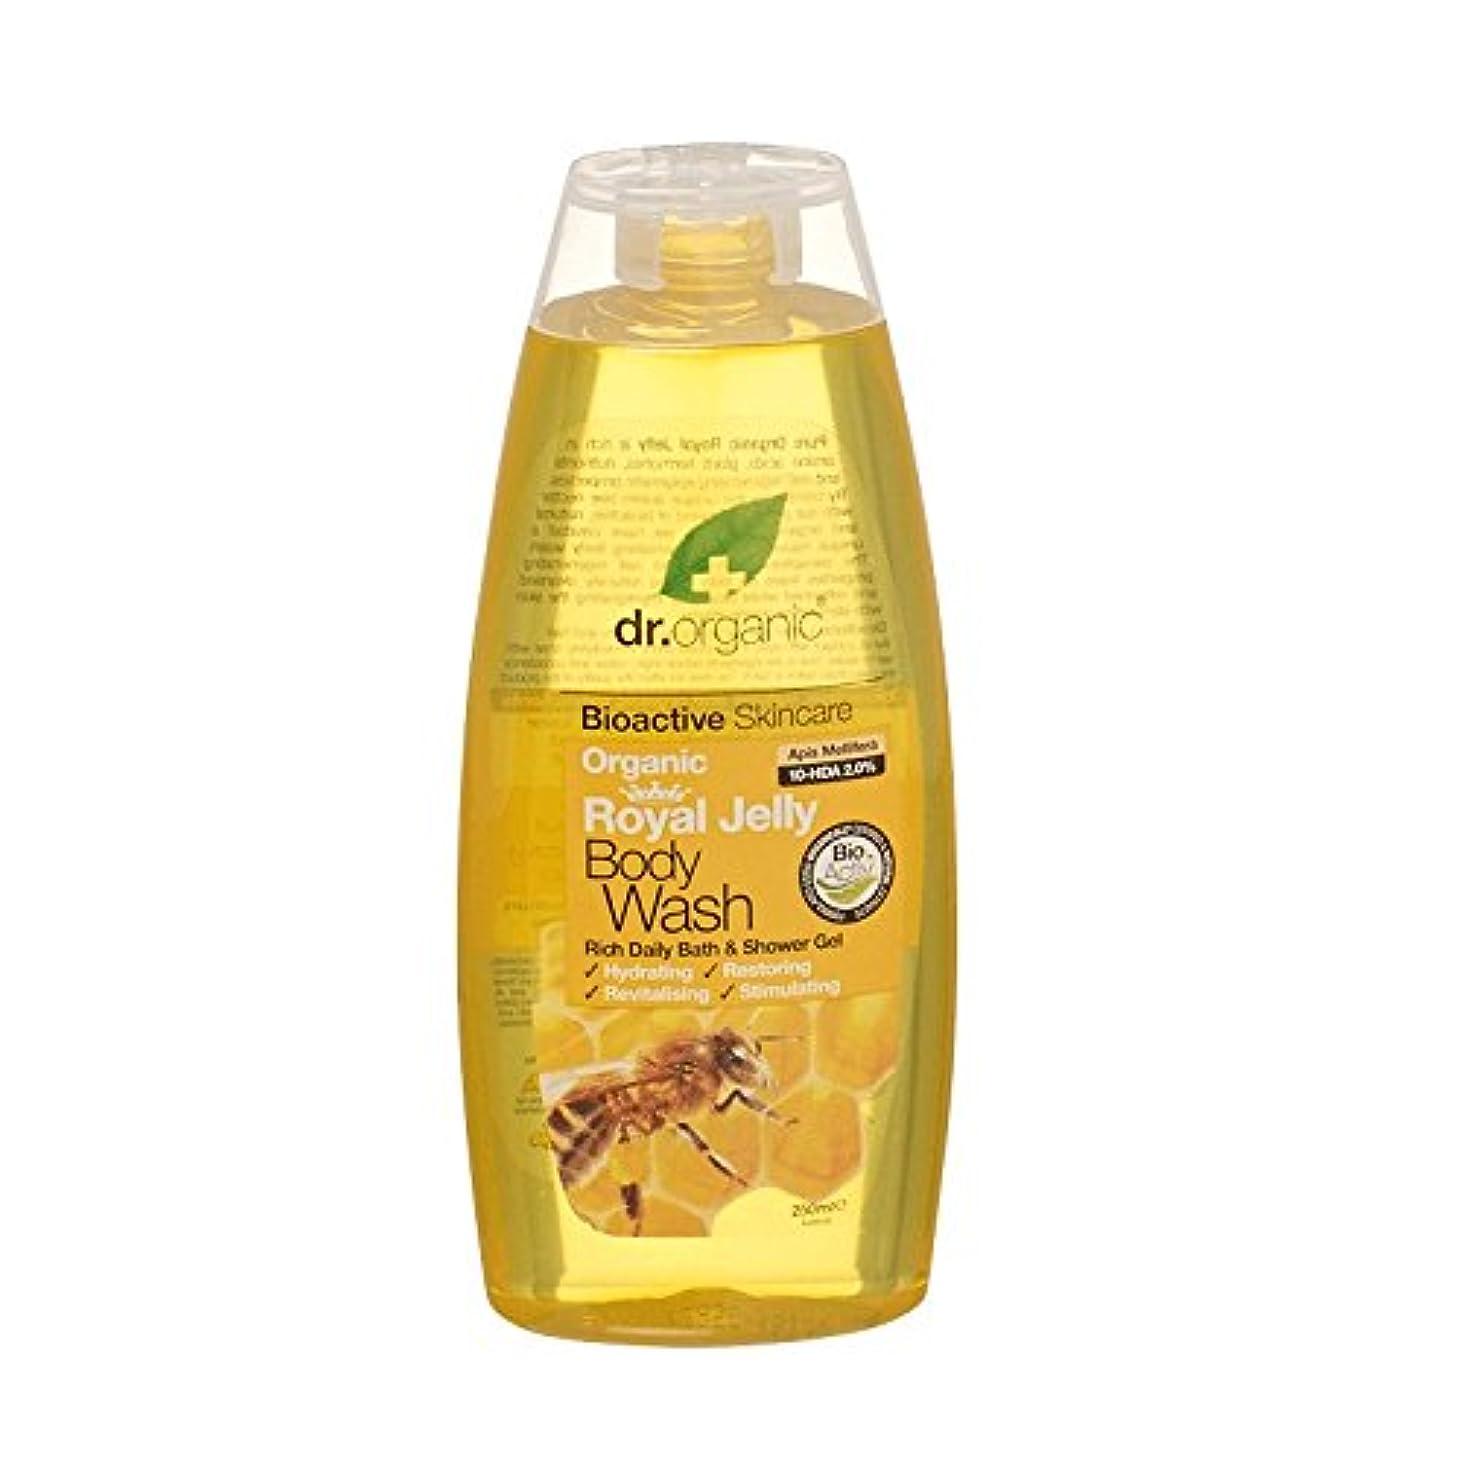 多様体言い換えると薬を飲むDr Organic Royal Jelly Body Wash (Pack of 6) - Dr有機ローヤルゼリーボディウォッシュ (x6) [並行輸入品]